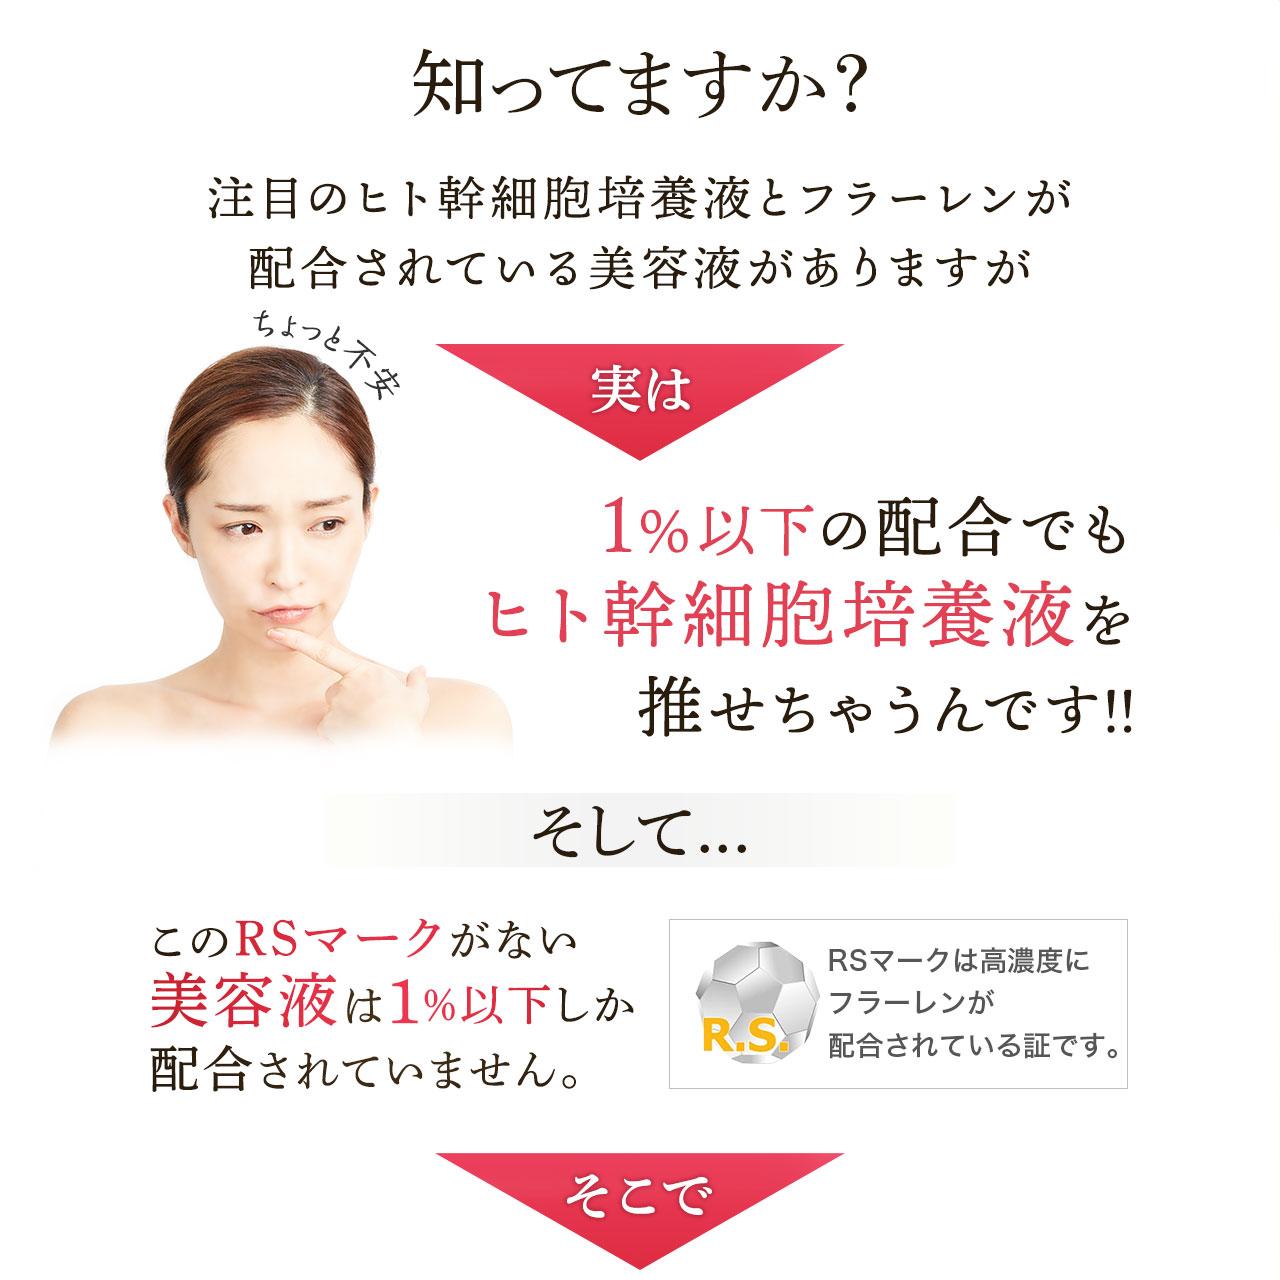 知ってますか?注目のヒト幹細胞培養とフラーレンが配合されている美容液がありますが実は1%以下の配合でもヒト幹細胞培養液を推せちゃうんです。そして、このRSマークがない美容液は1%以下しか配合されていません。RSマークは高濃度にフラーレンが配合されている証です。そこで